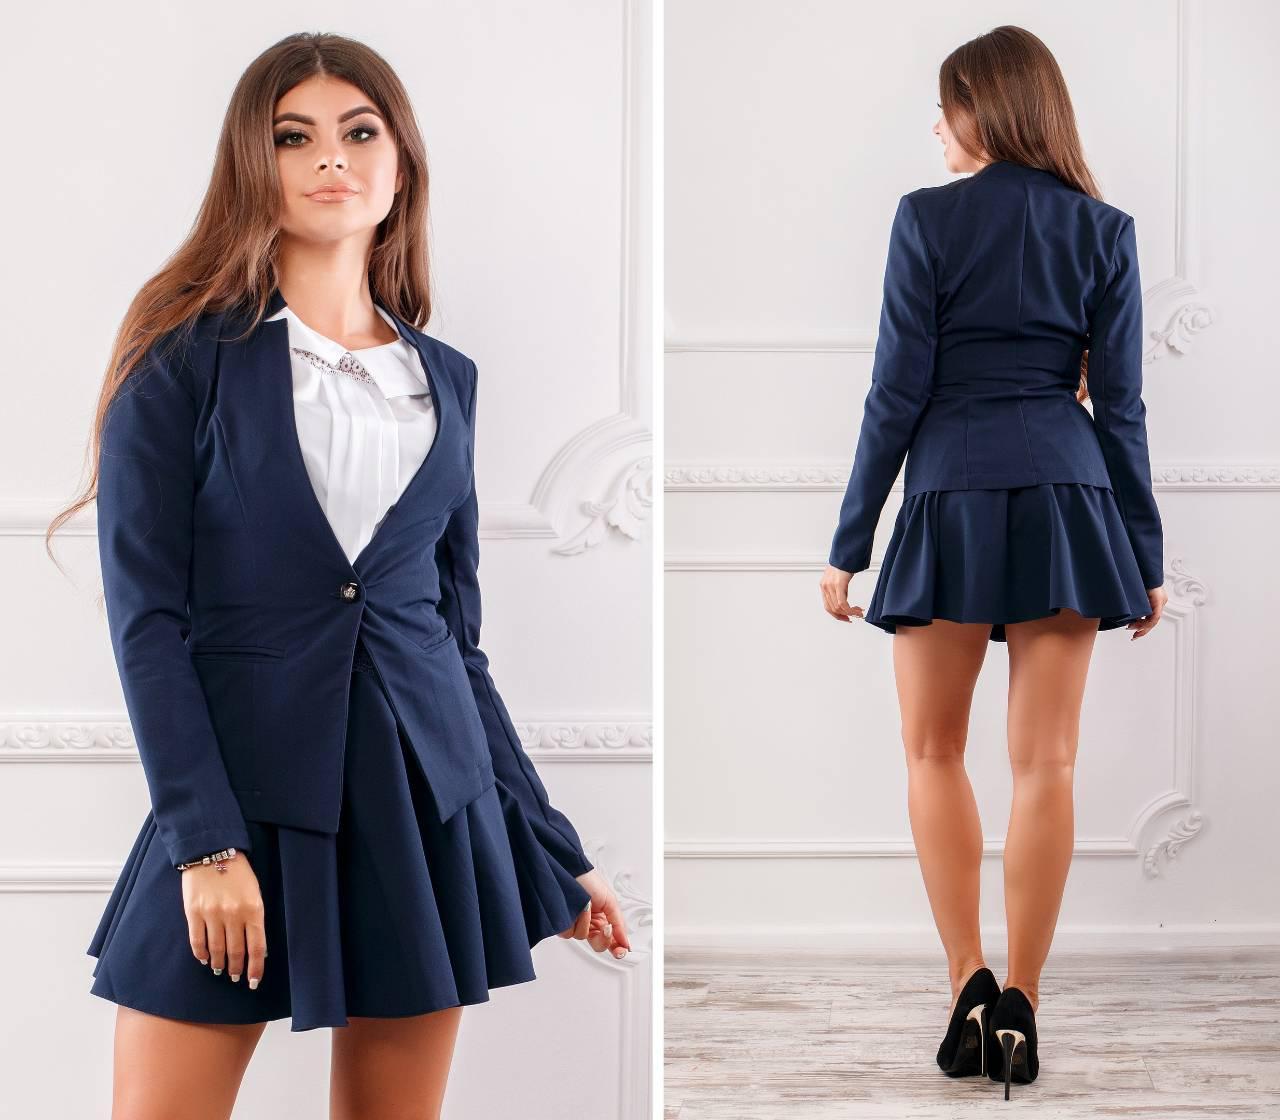 0a4018a1cc9 Жакет (пиджак) арт.119 синий 44 - Интернет магазин женской одежды Khan в